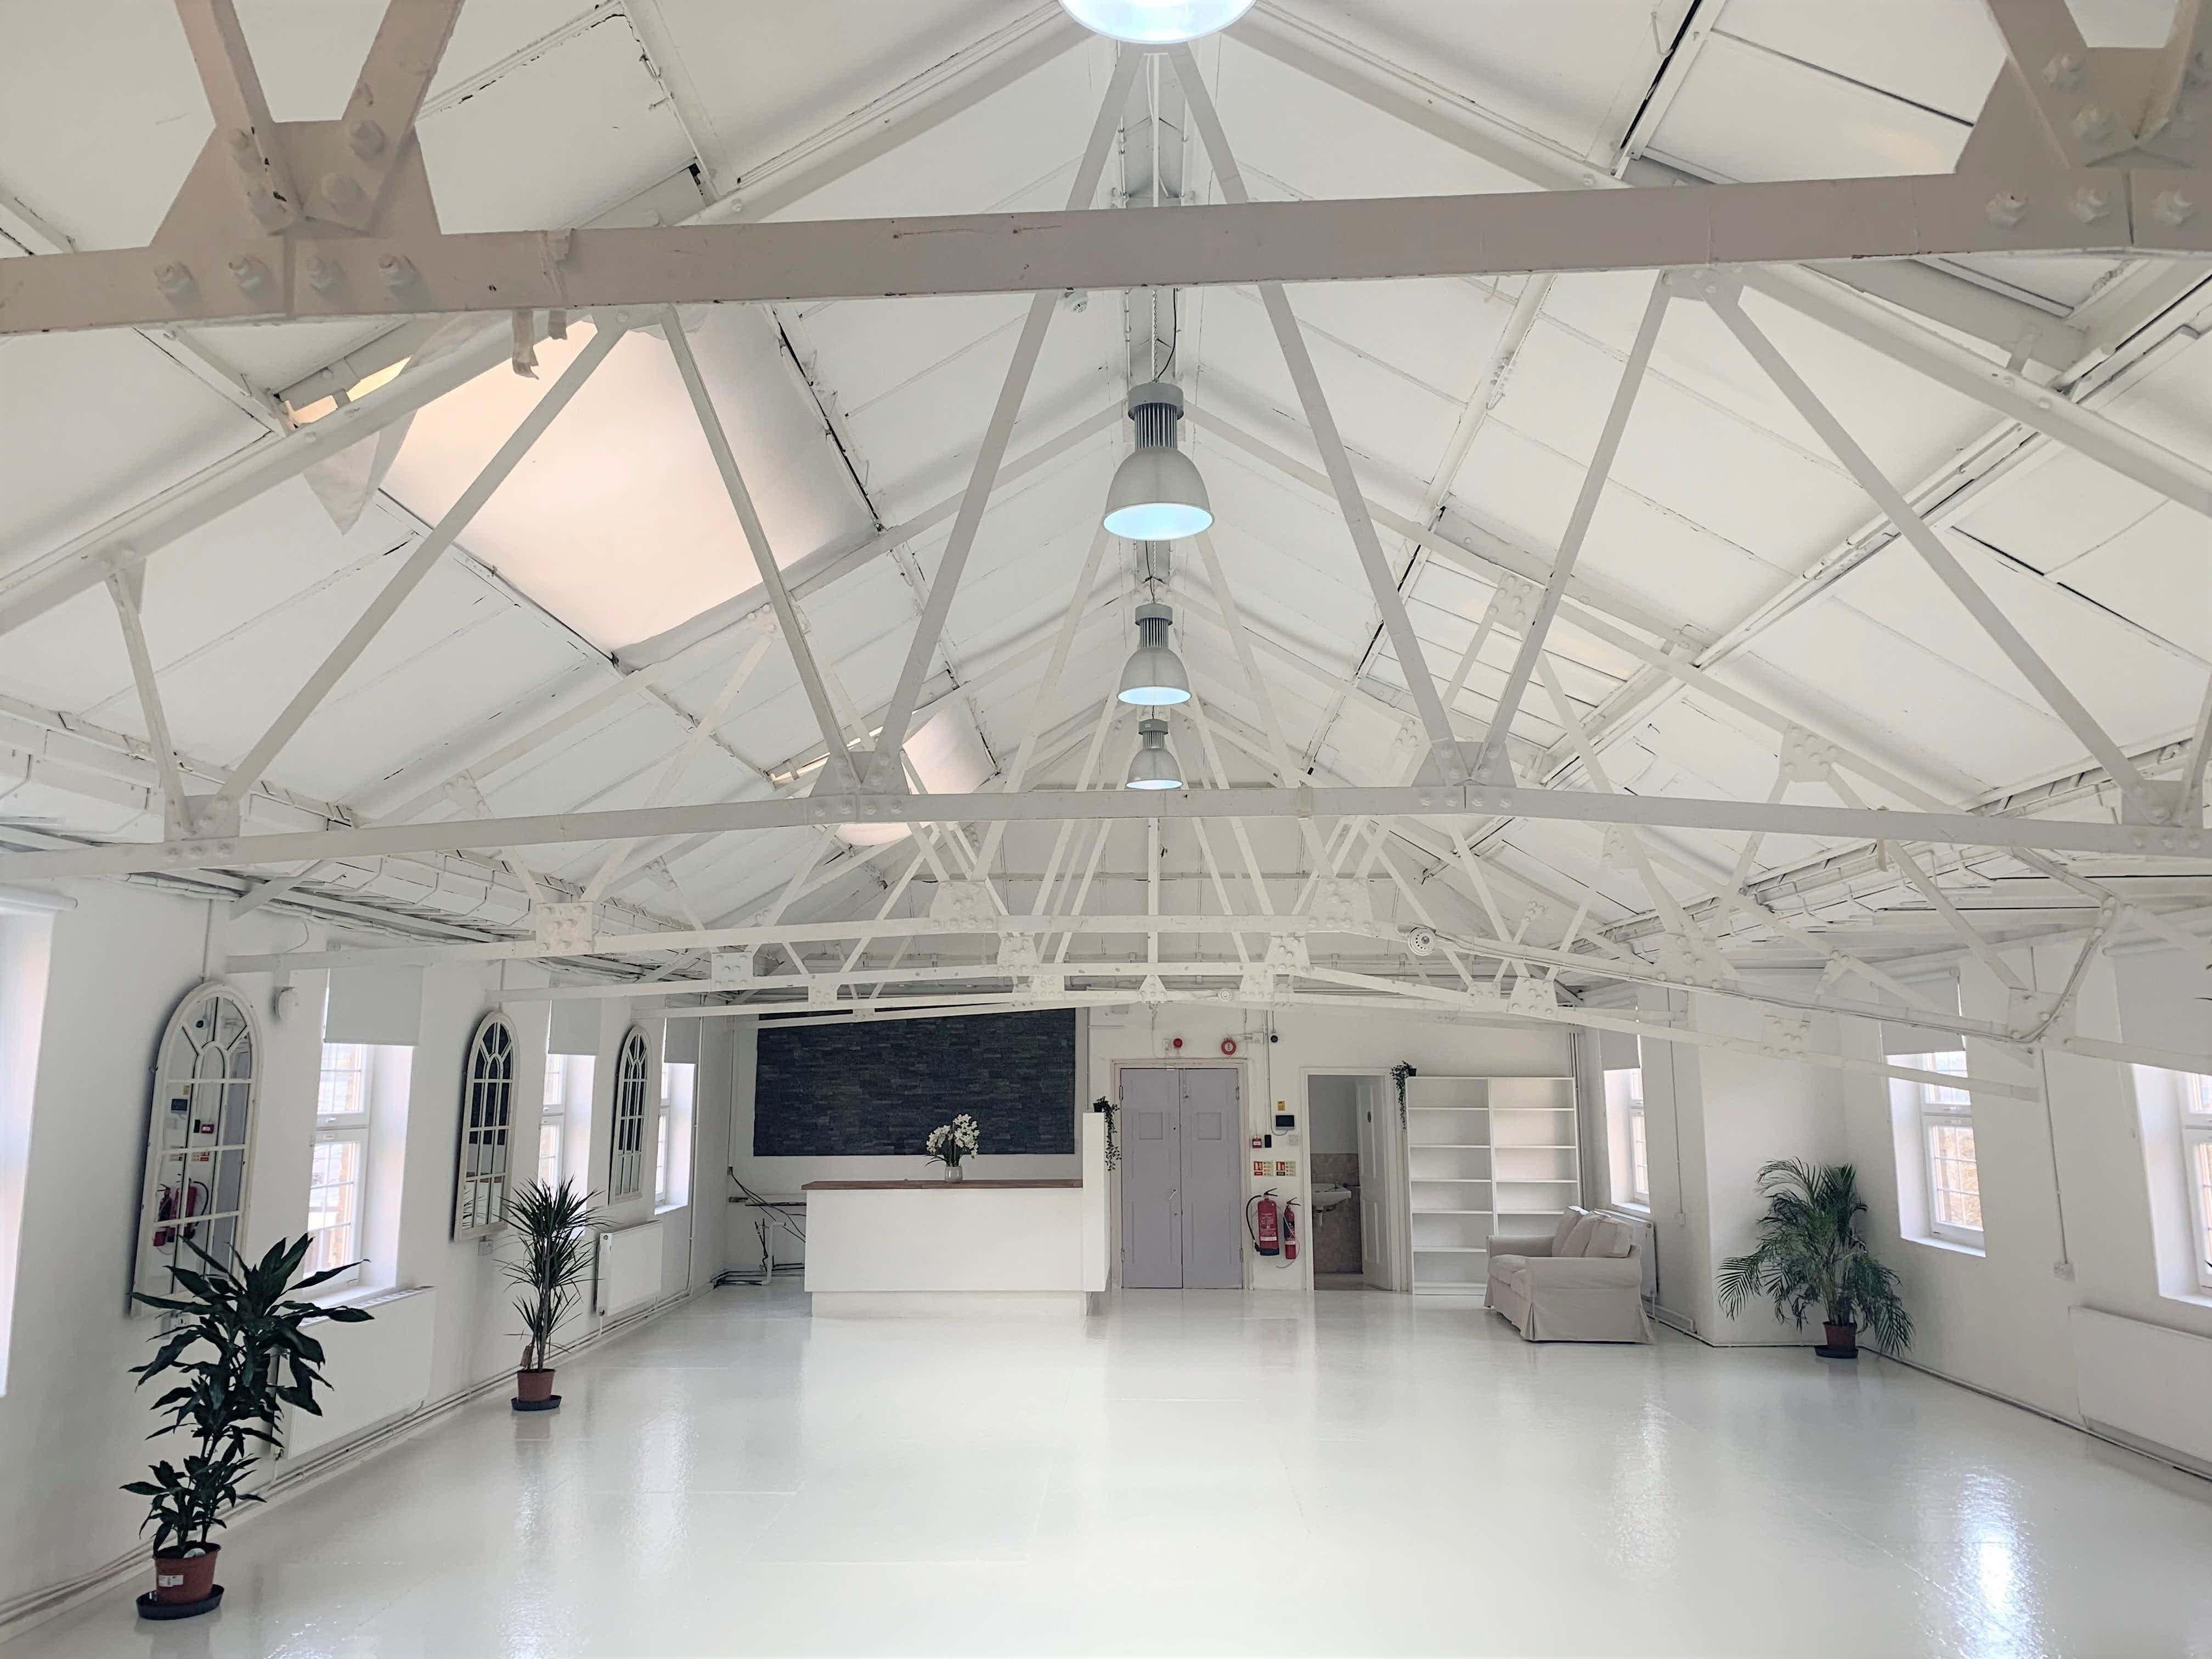 The Original White Loft, Agile Studios